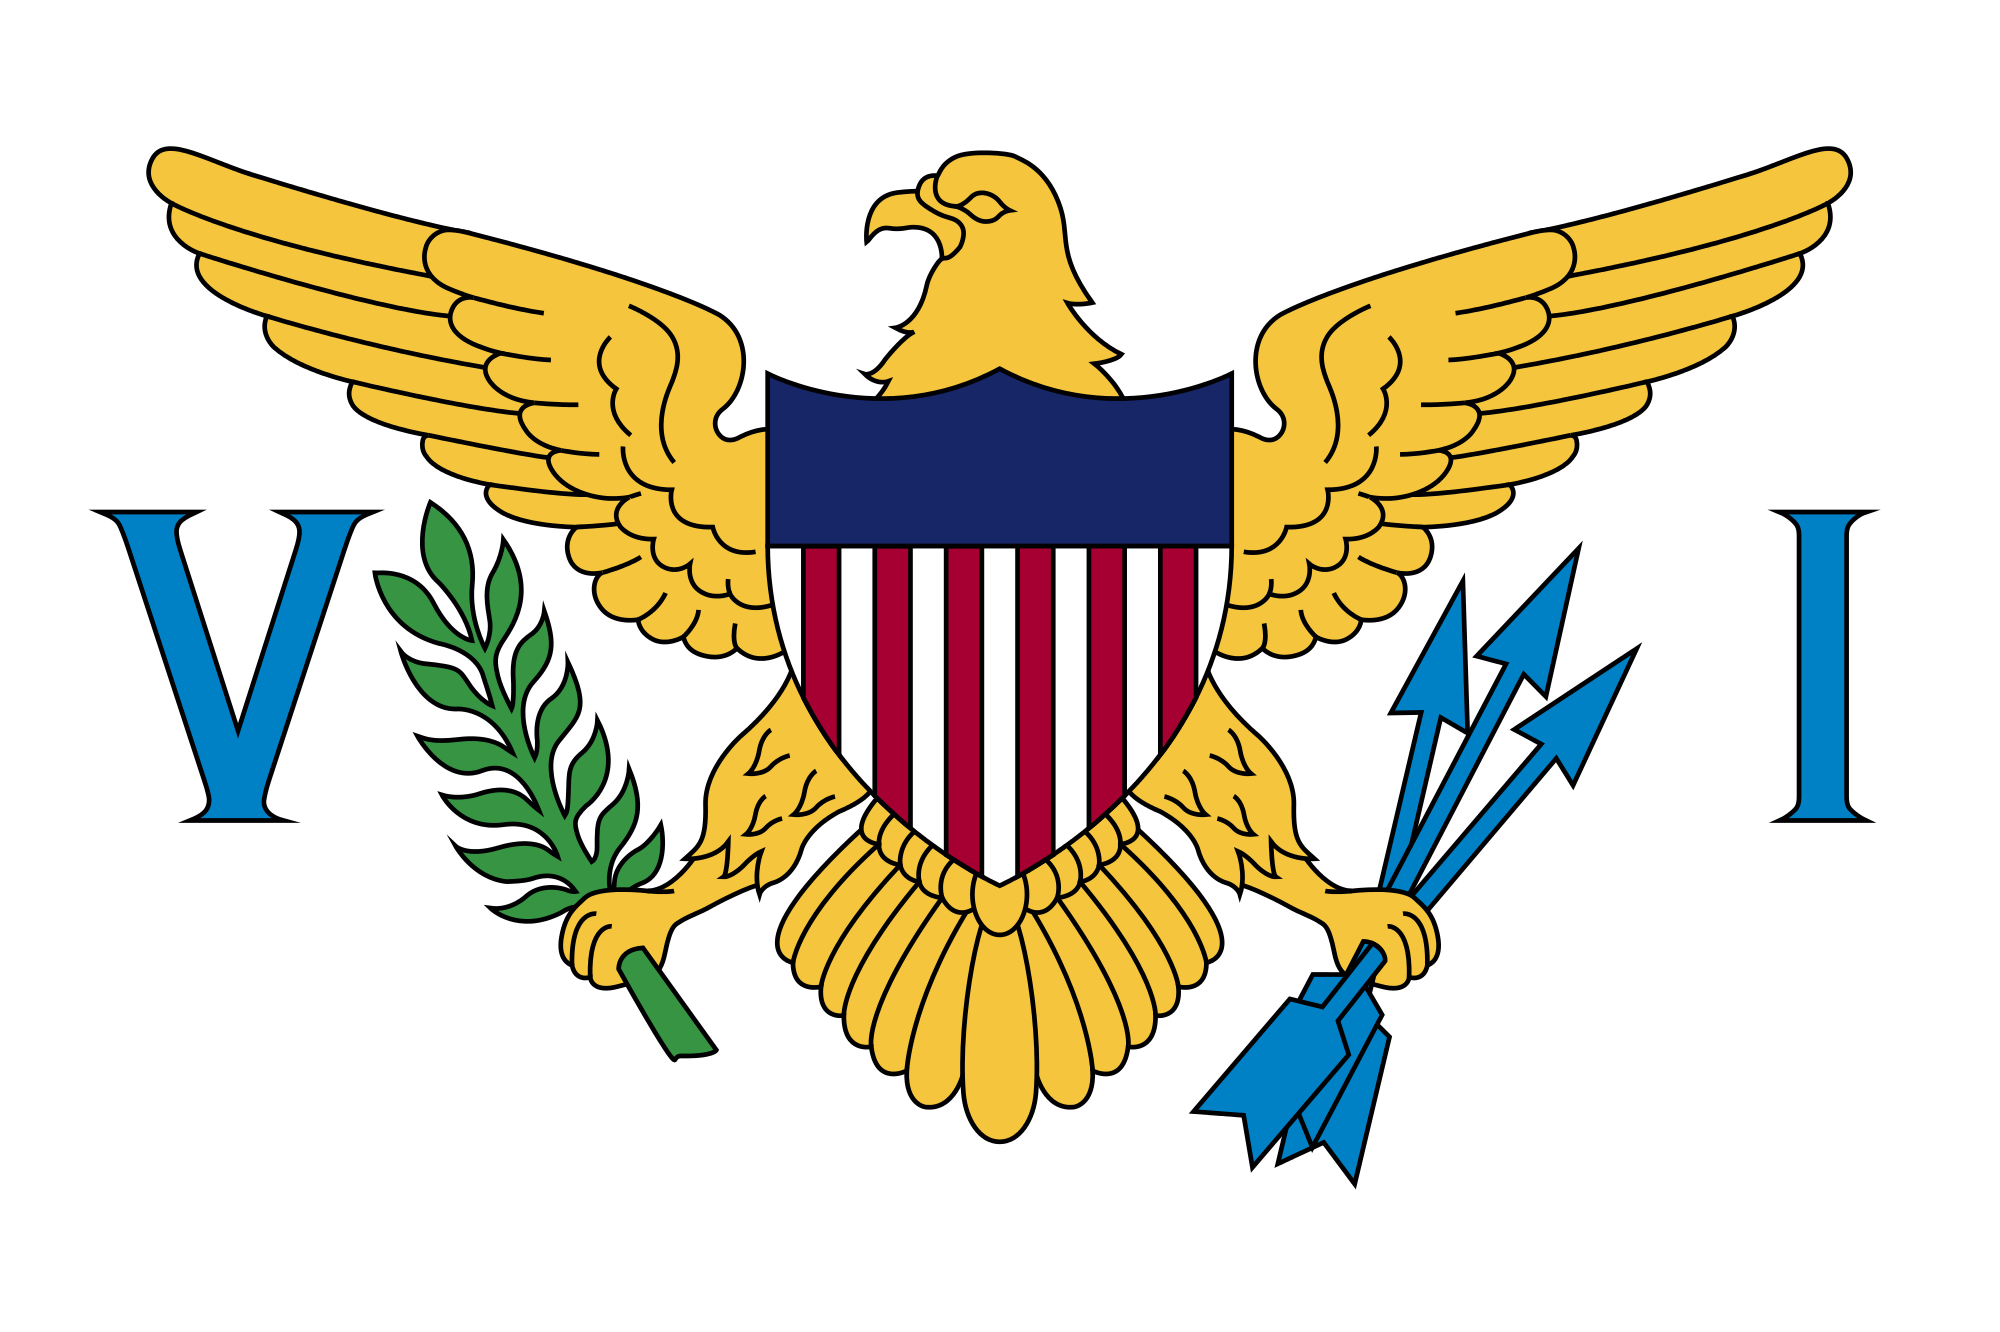 Iles vierges nous, pays, emblème, logo, symbole - Fonds d'écran HD - Professor-falken.com